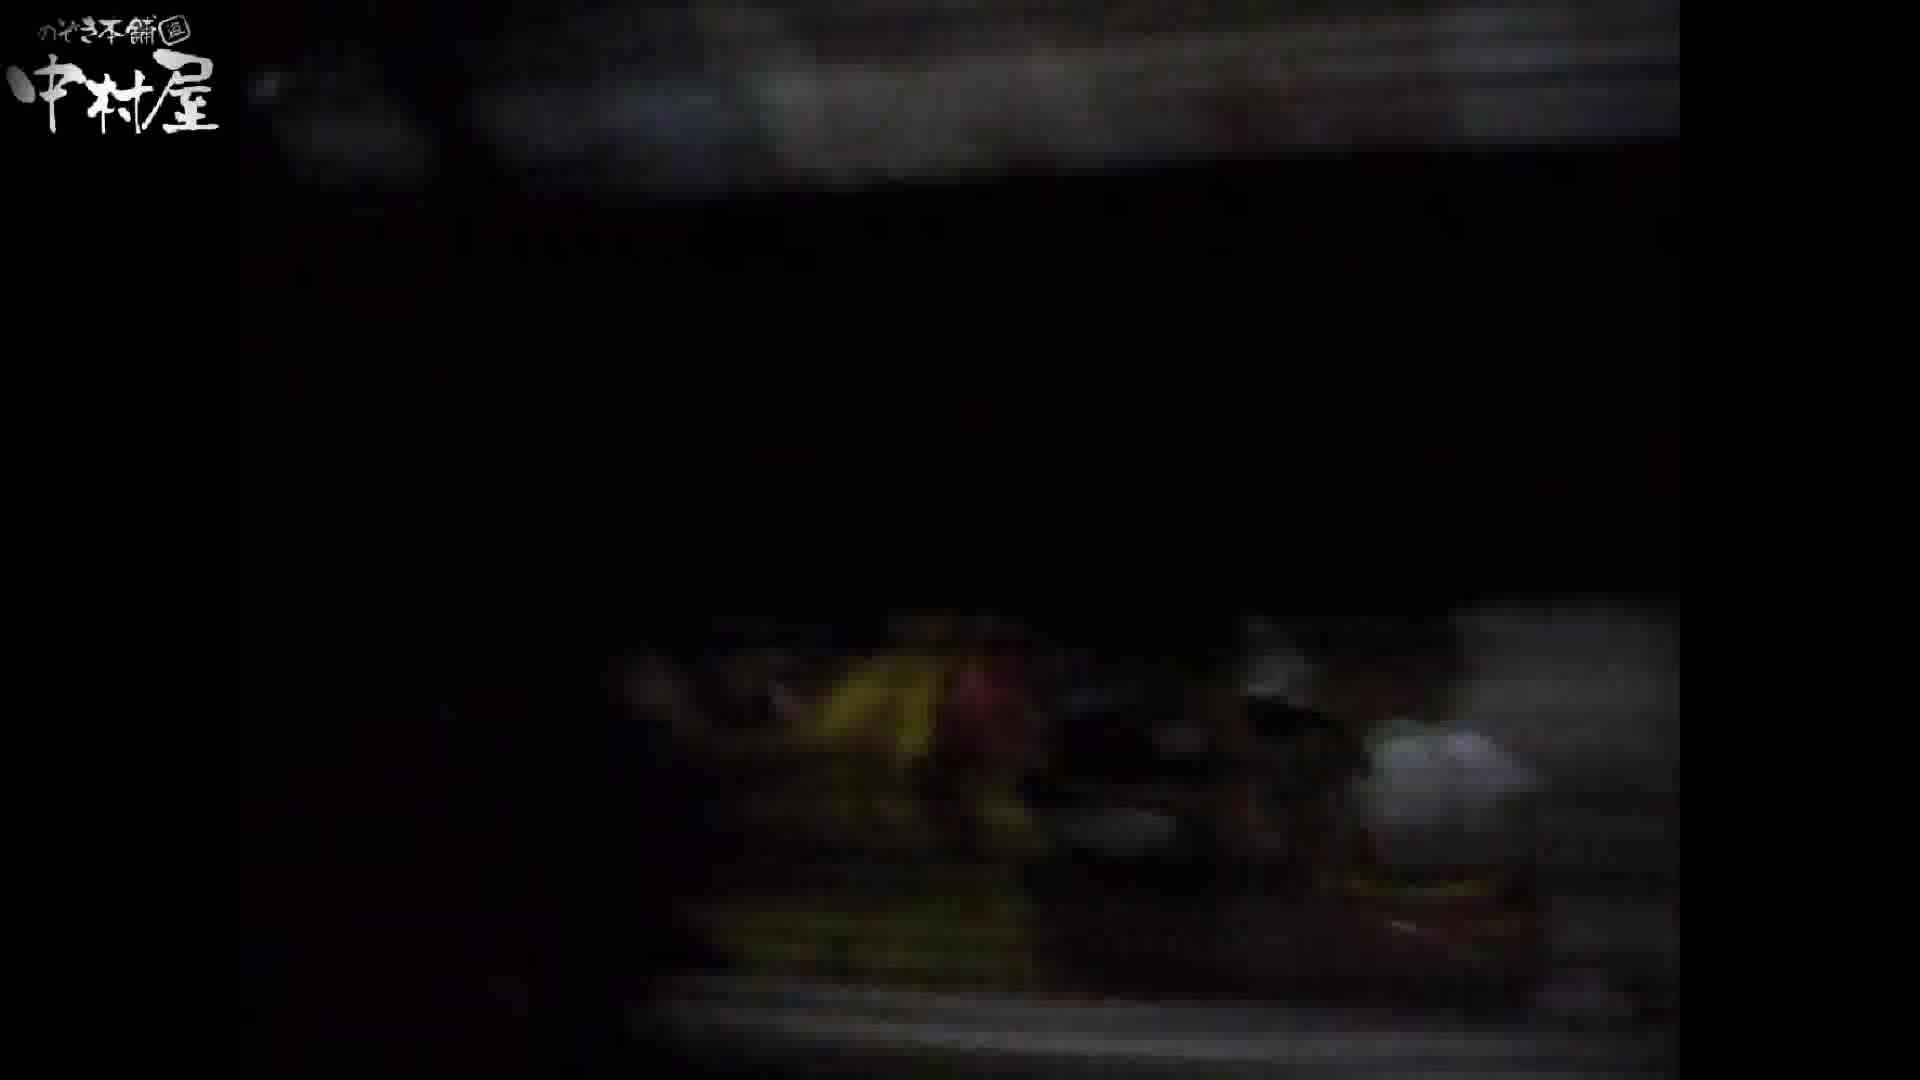 民家風呂専門盗撮師の超危険映像 vol.011 股間 エロ画像 107PIX 28